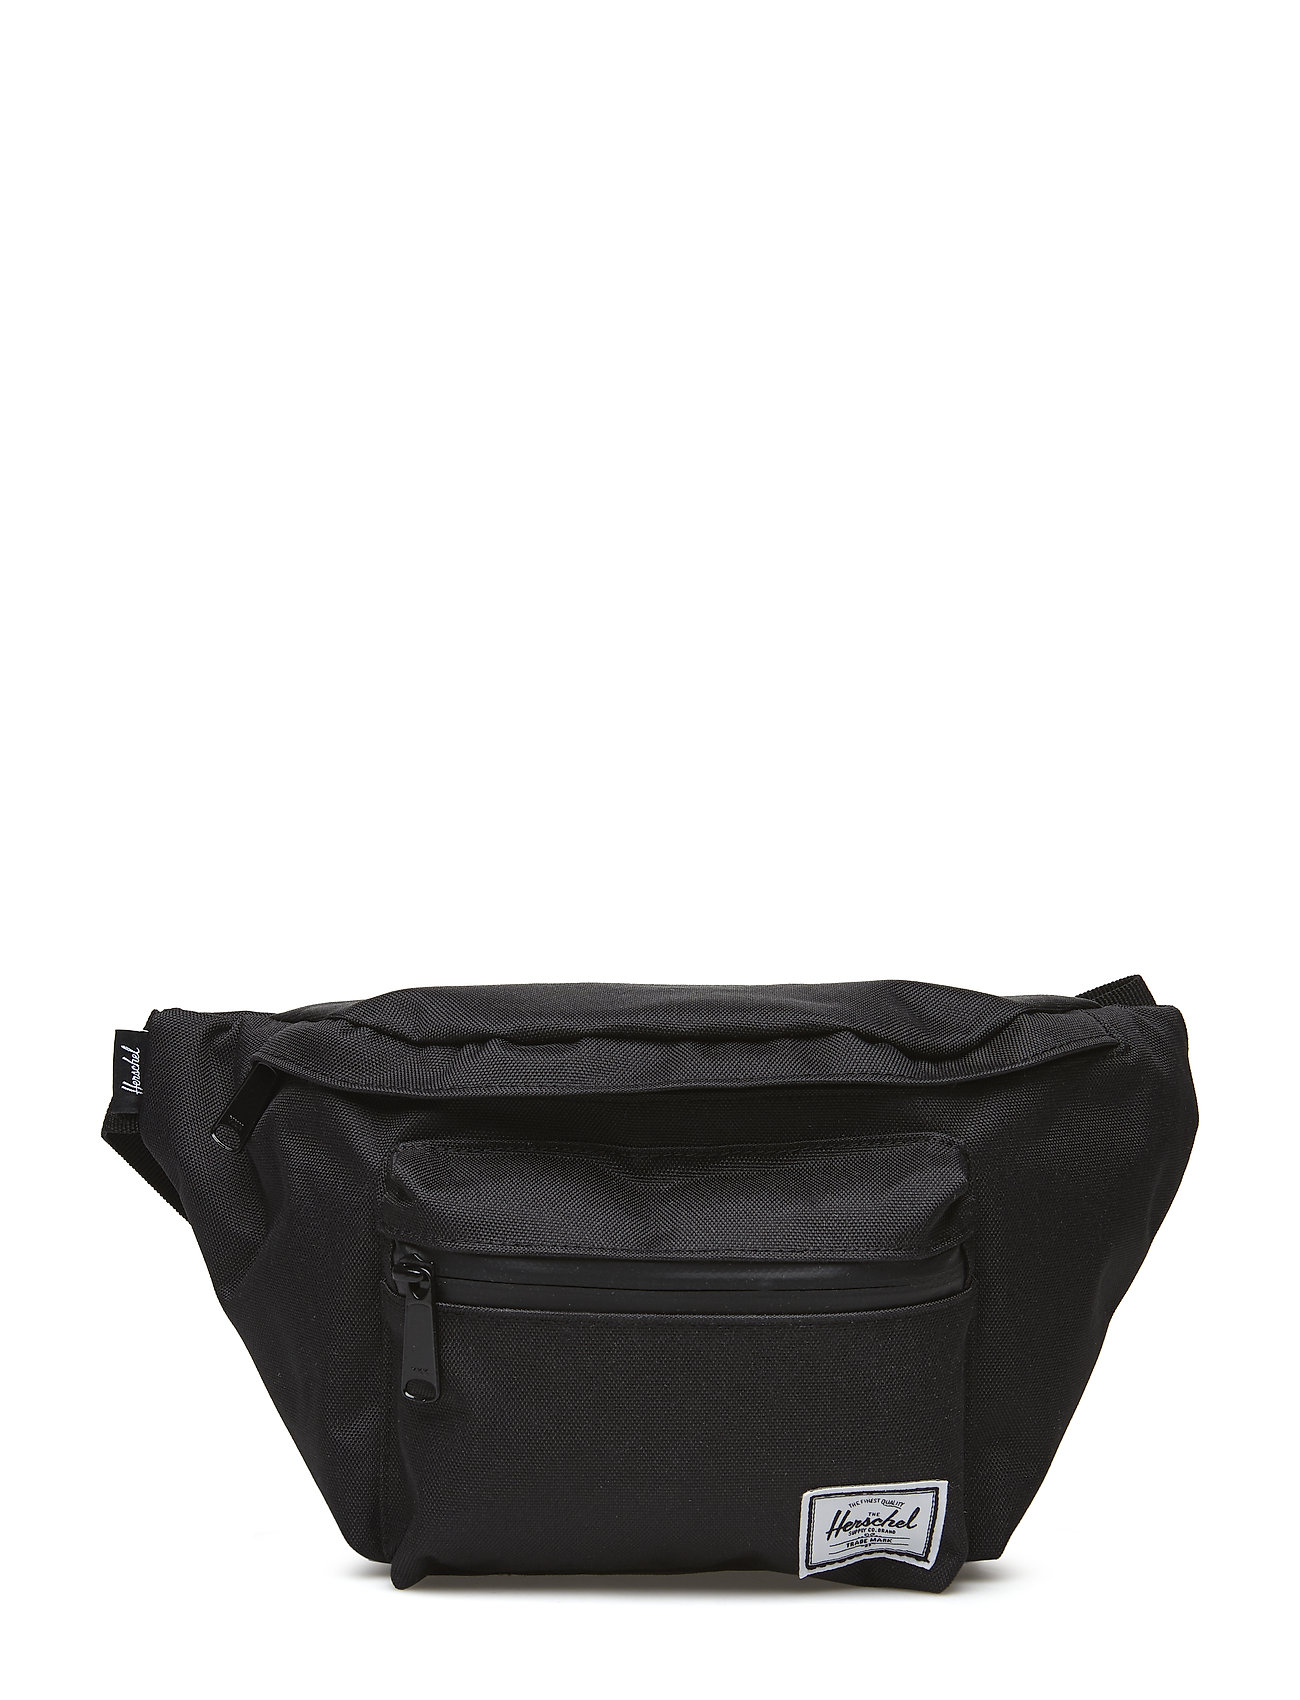 Image of Seventeen - Black/Black Zipper Bum Bag Taske Sort Herschel (3074541021)